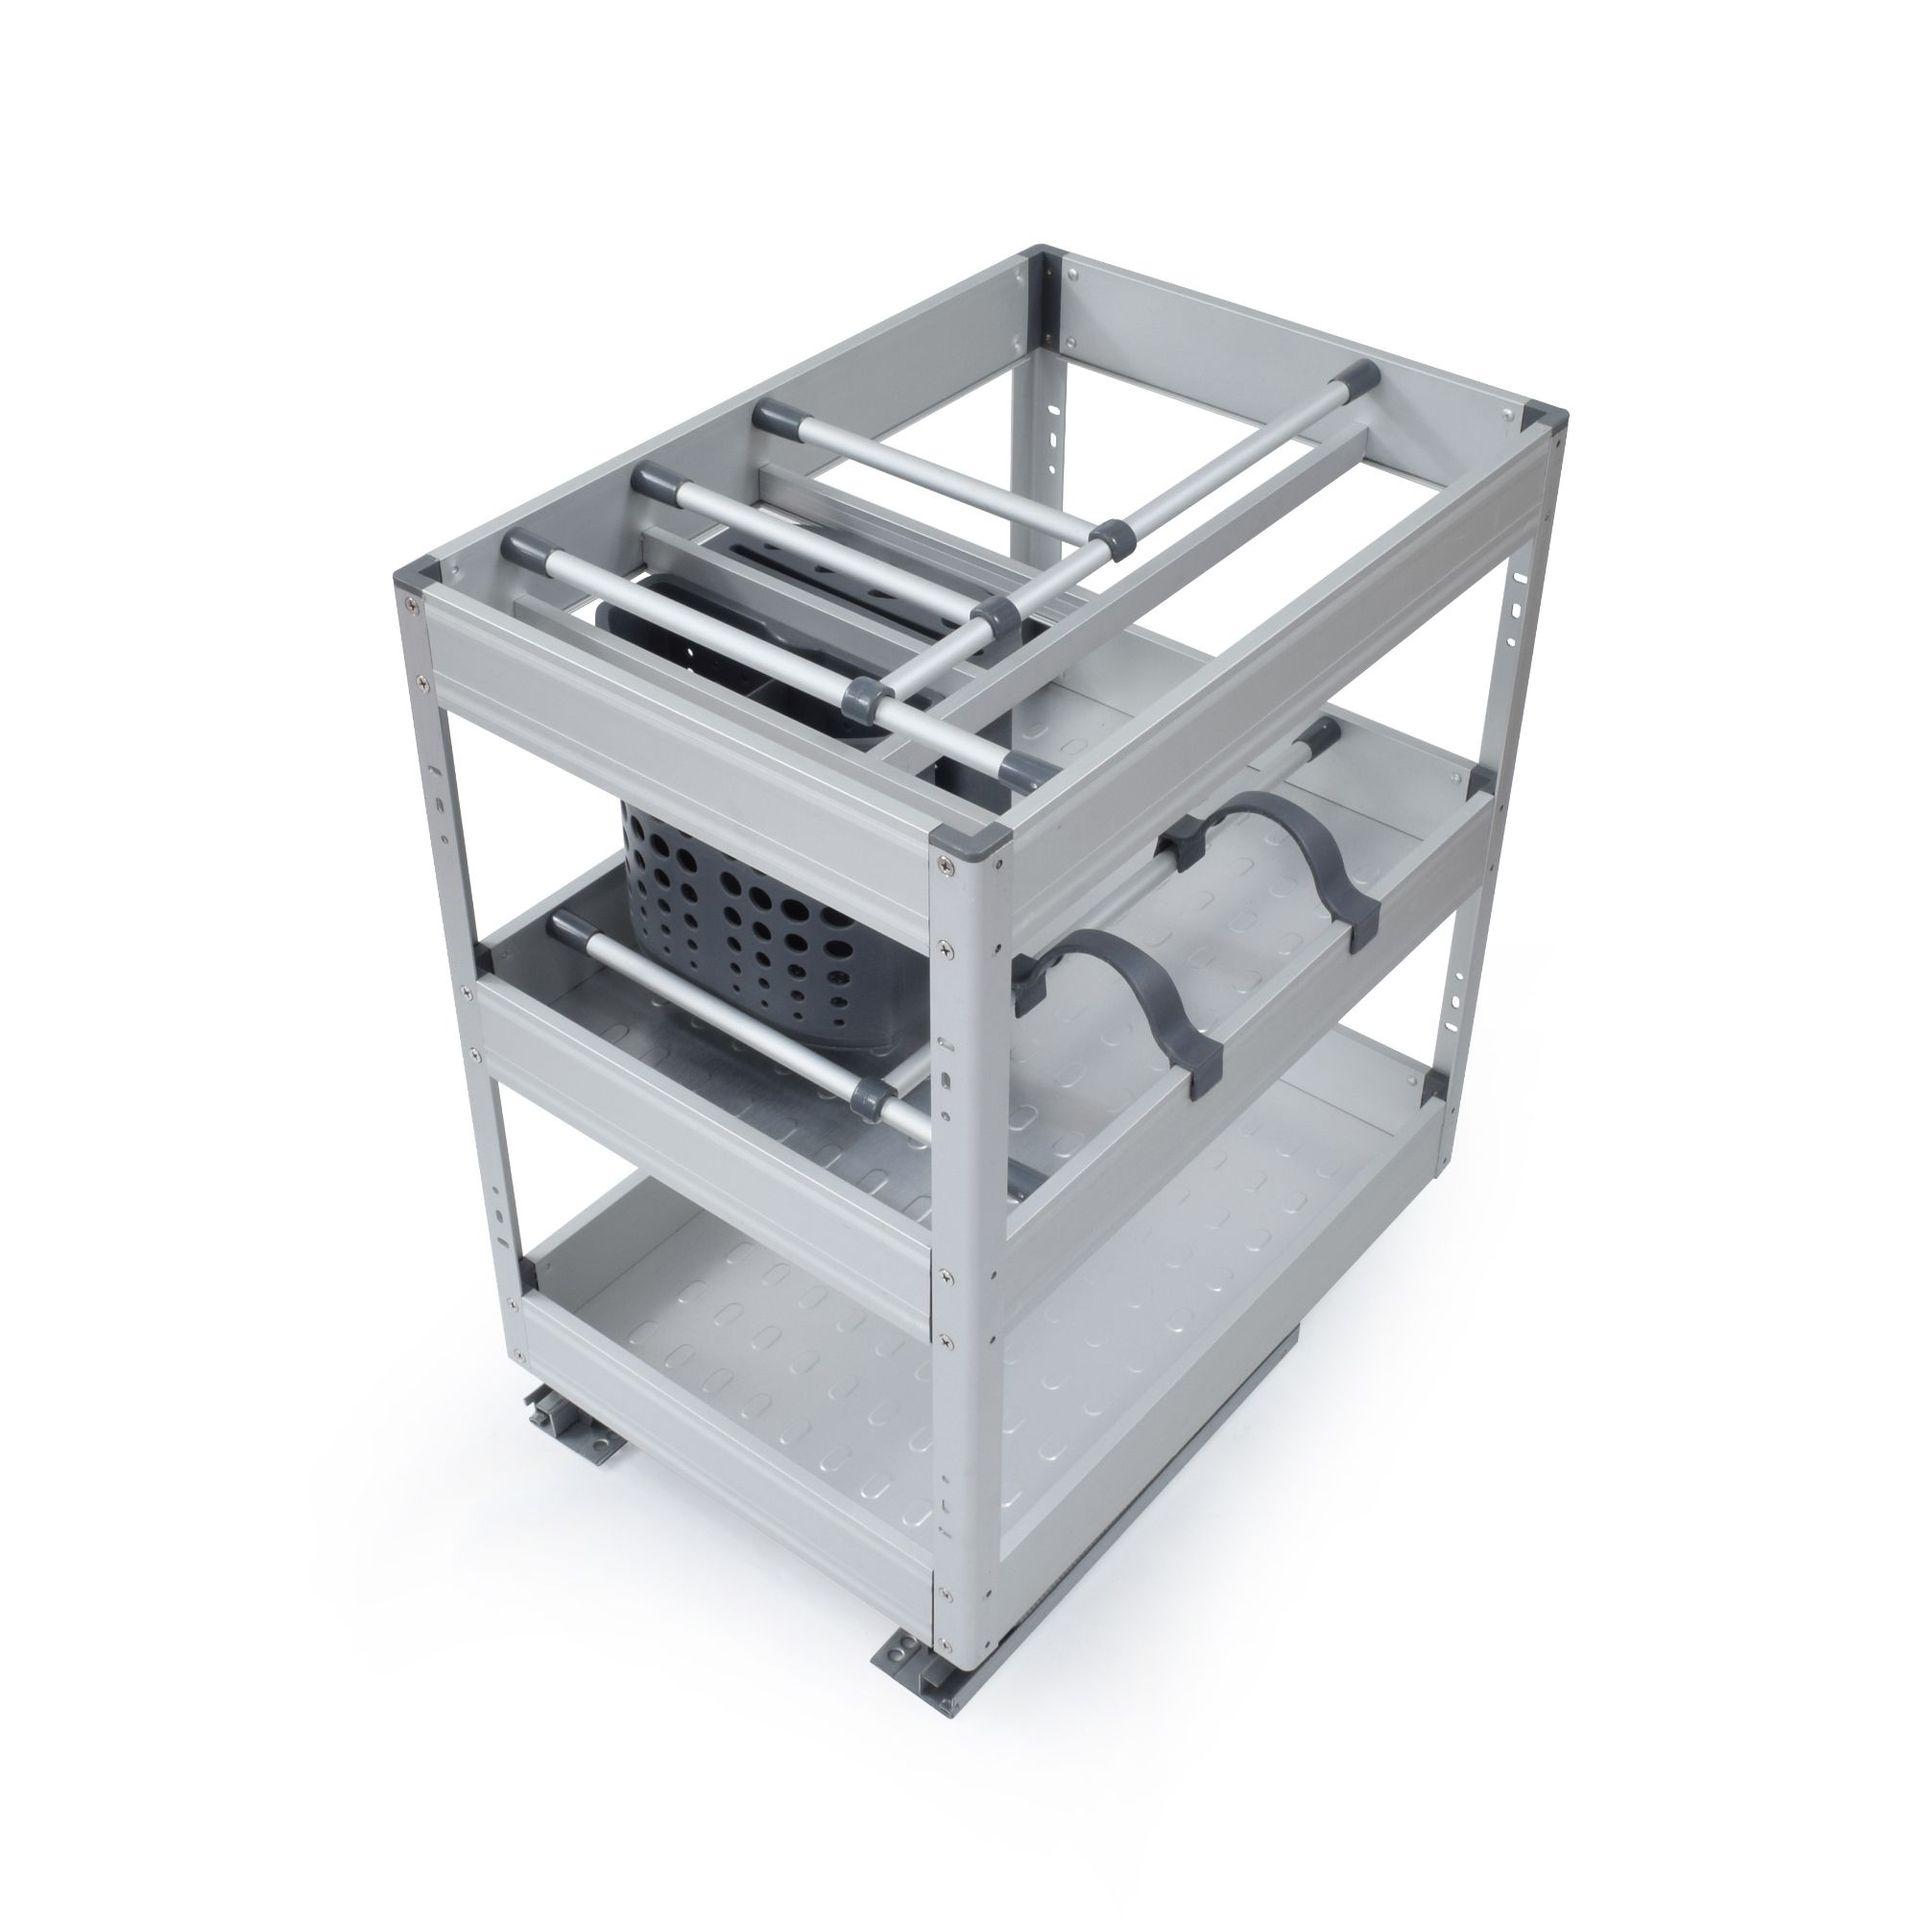 厂家直销太空铝合金抽屉拉篮 厨房橱柜拉篮调味瓶拉篮置物架350柜